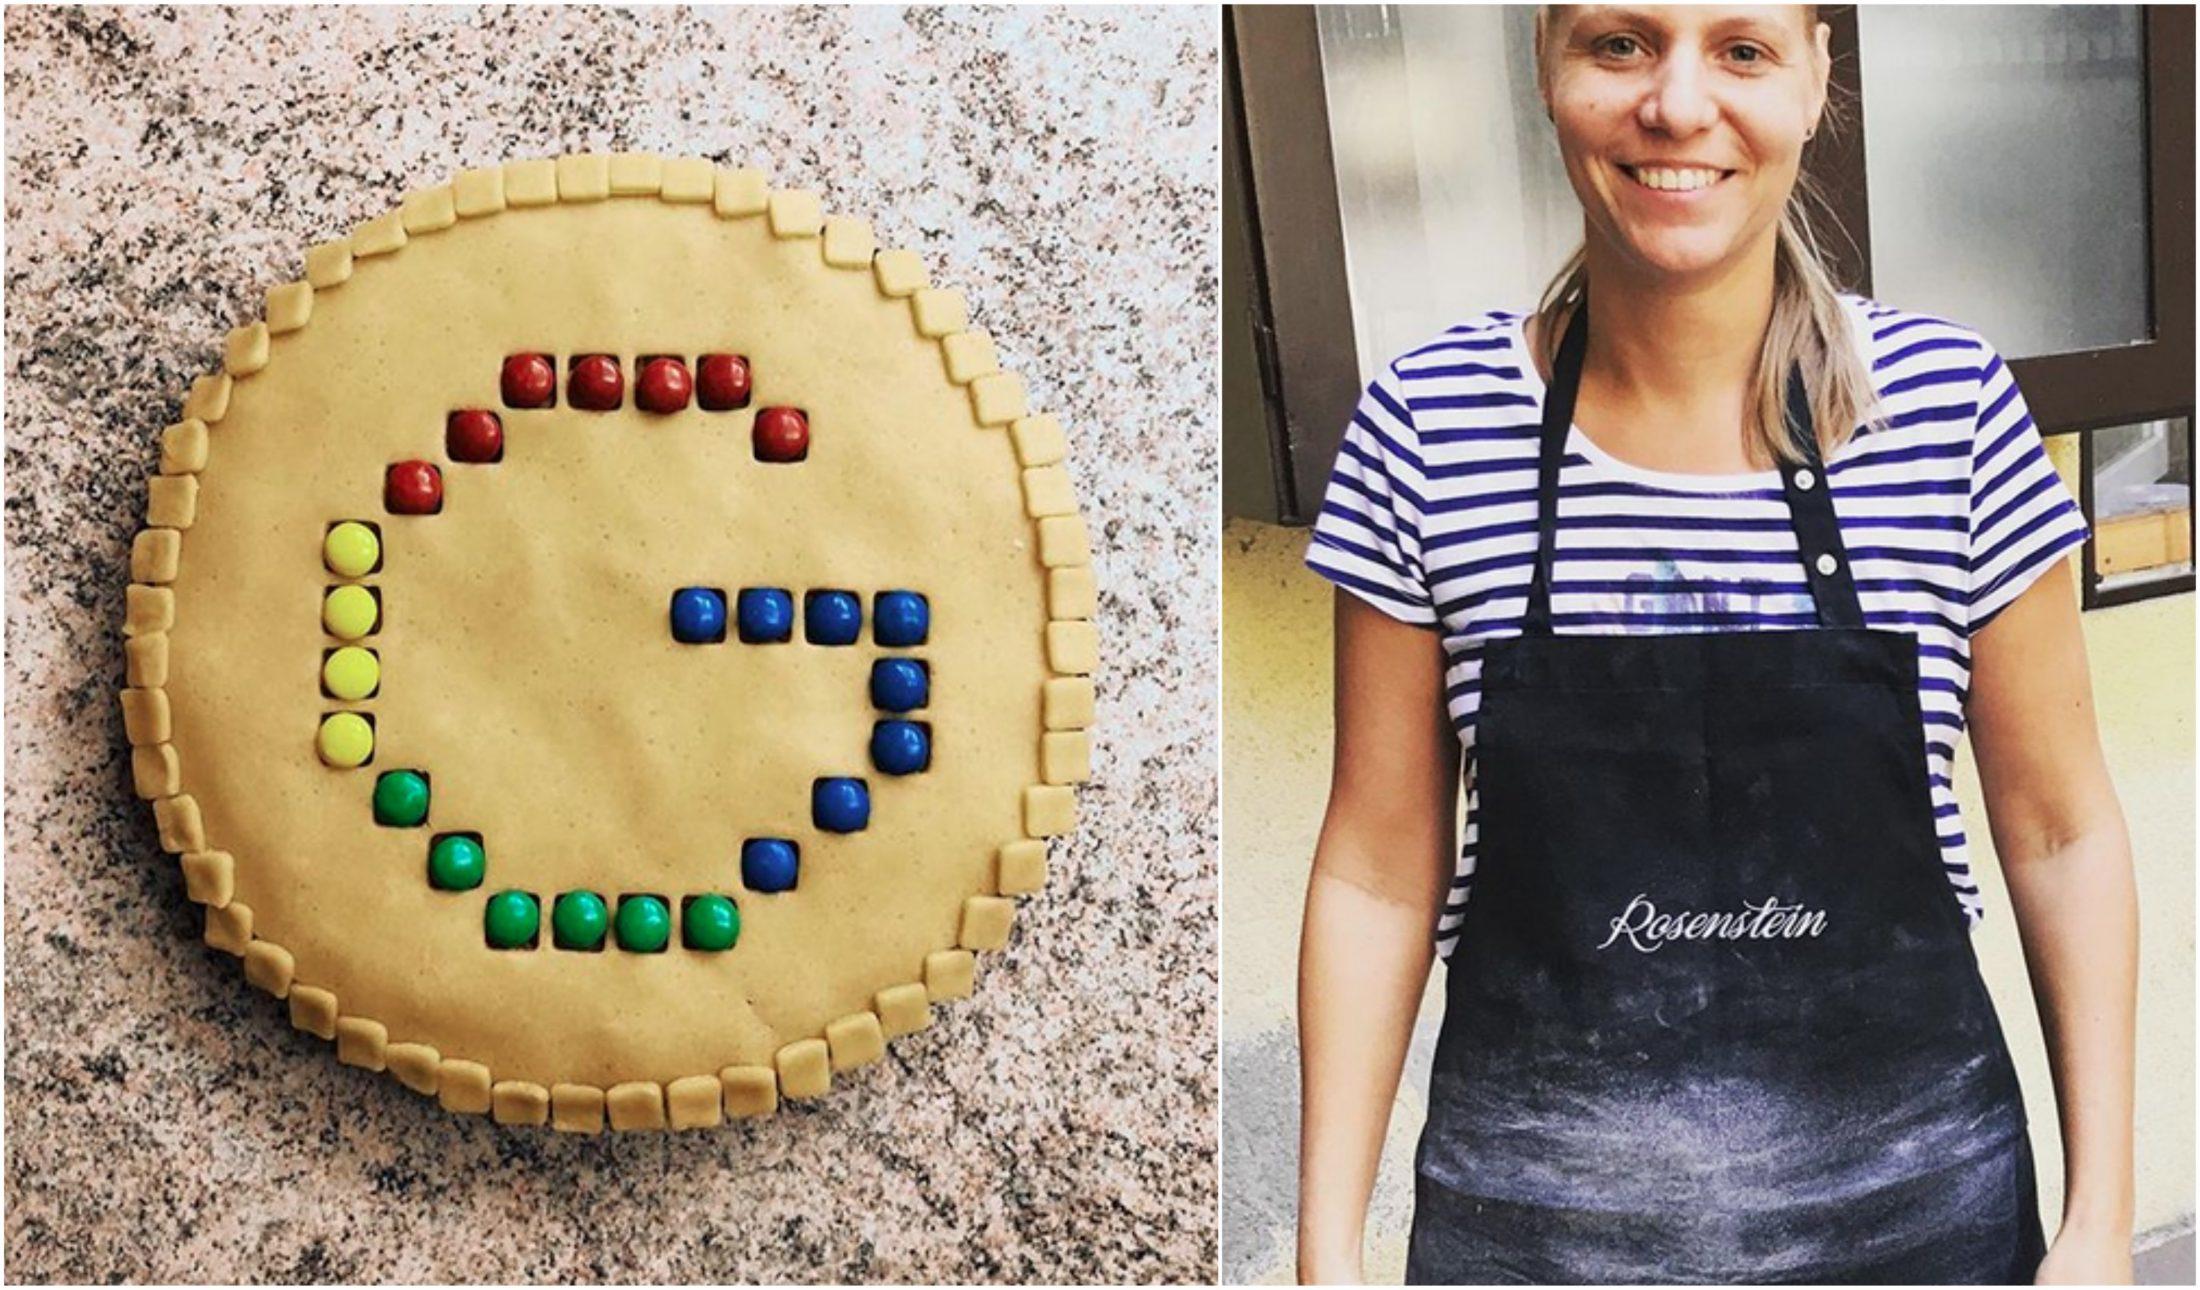 Rosenstein Tímea pitéje sztár lett: Ön látta már a Google Instagram-profilját? - Dining Guide